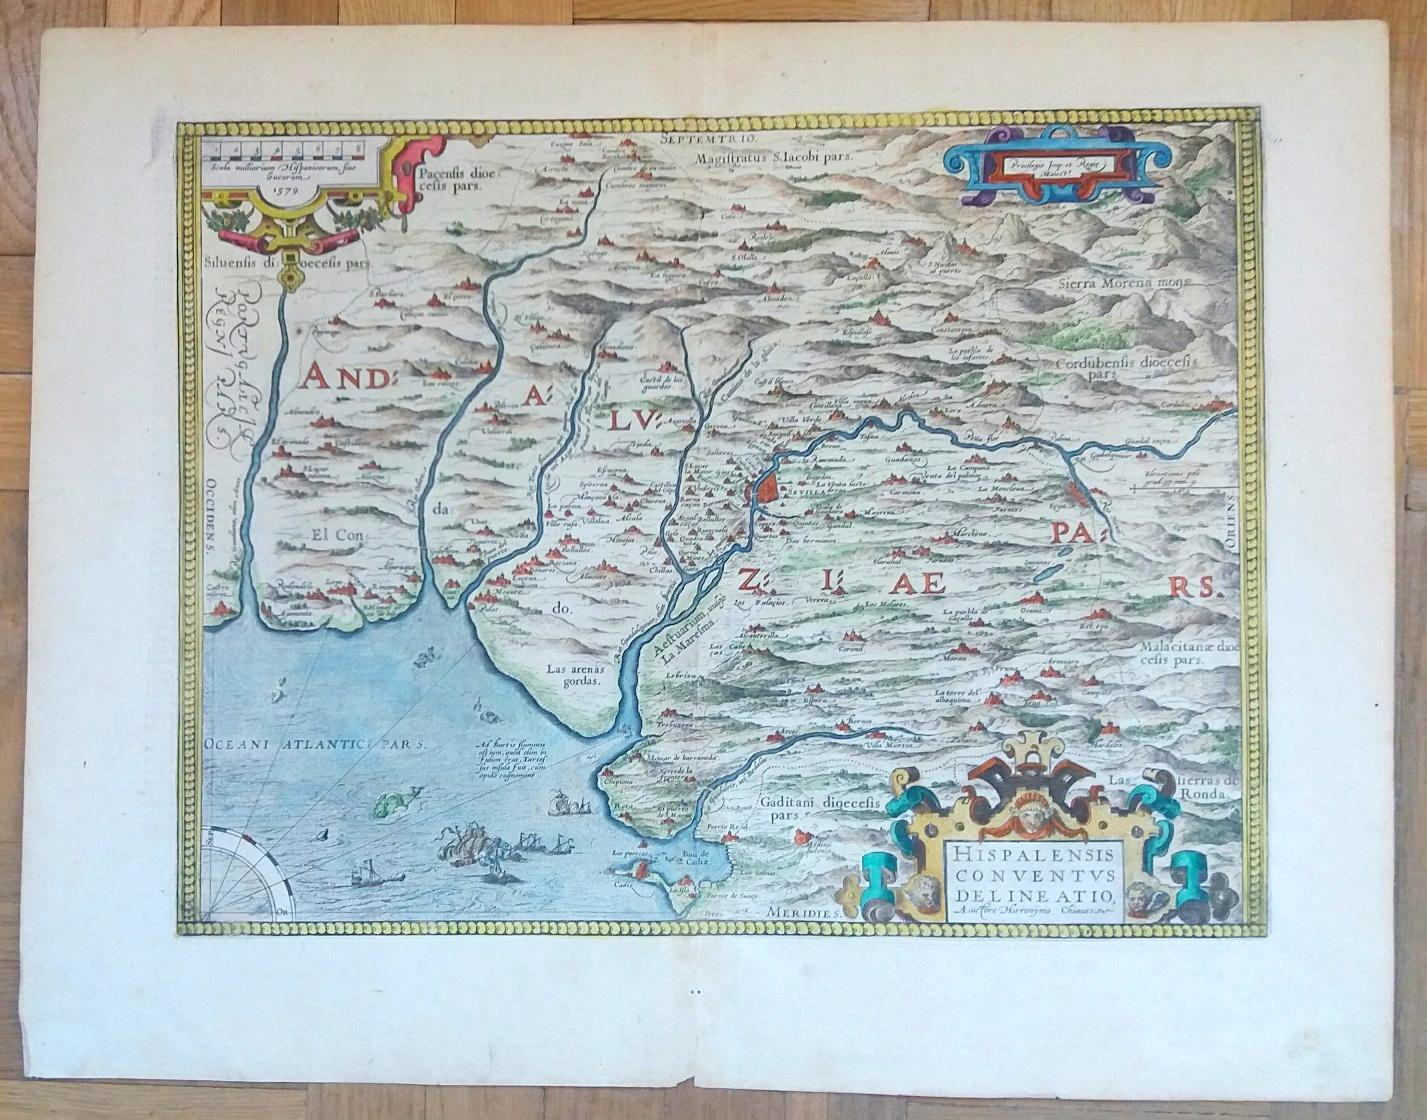 Mapa antiguo andalucía Ortelius | Mapas antiguos Cartografía histórica